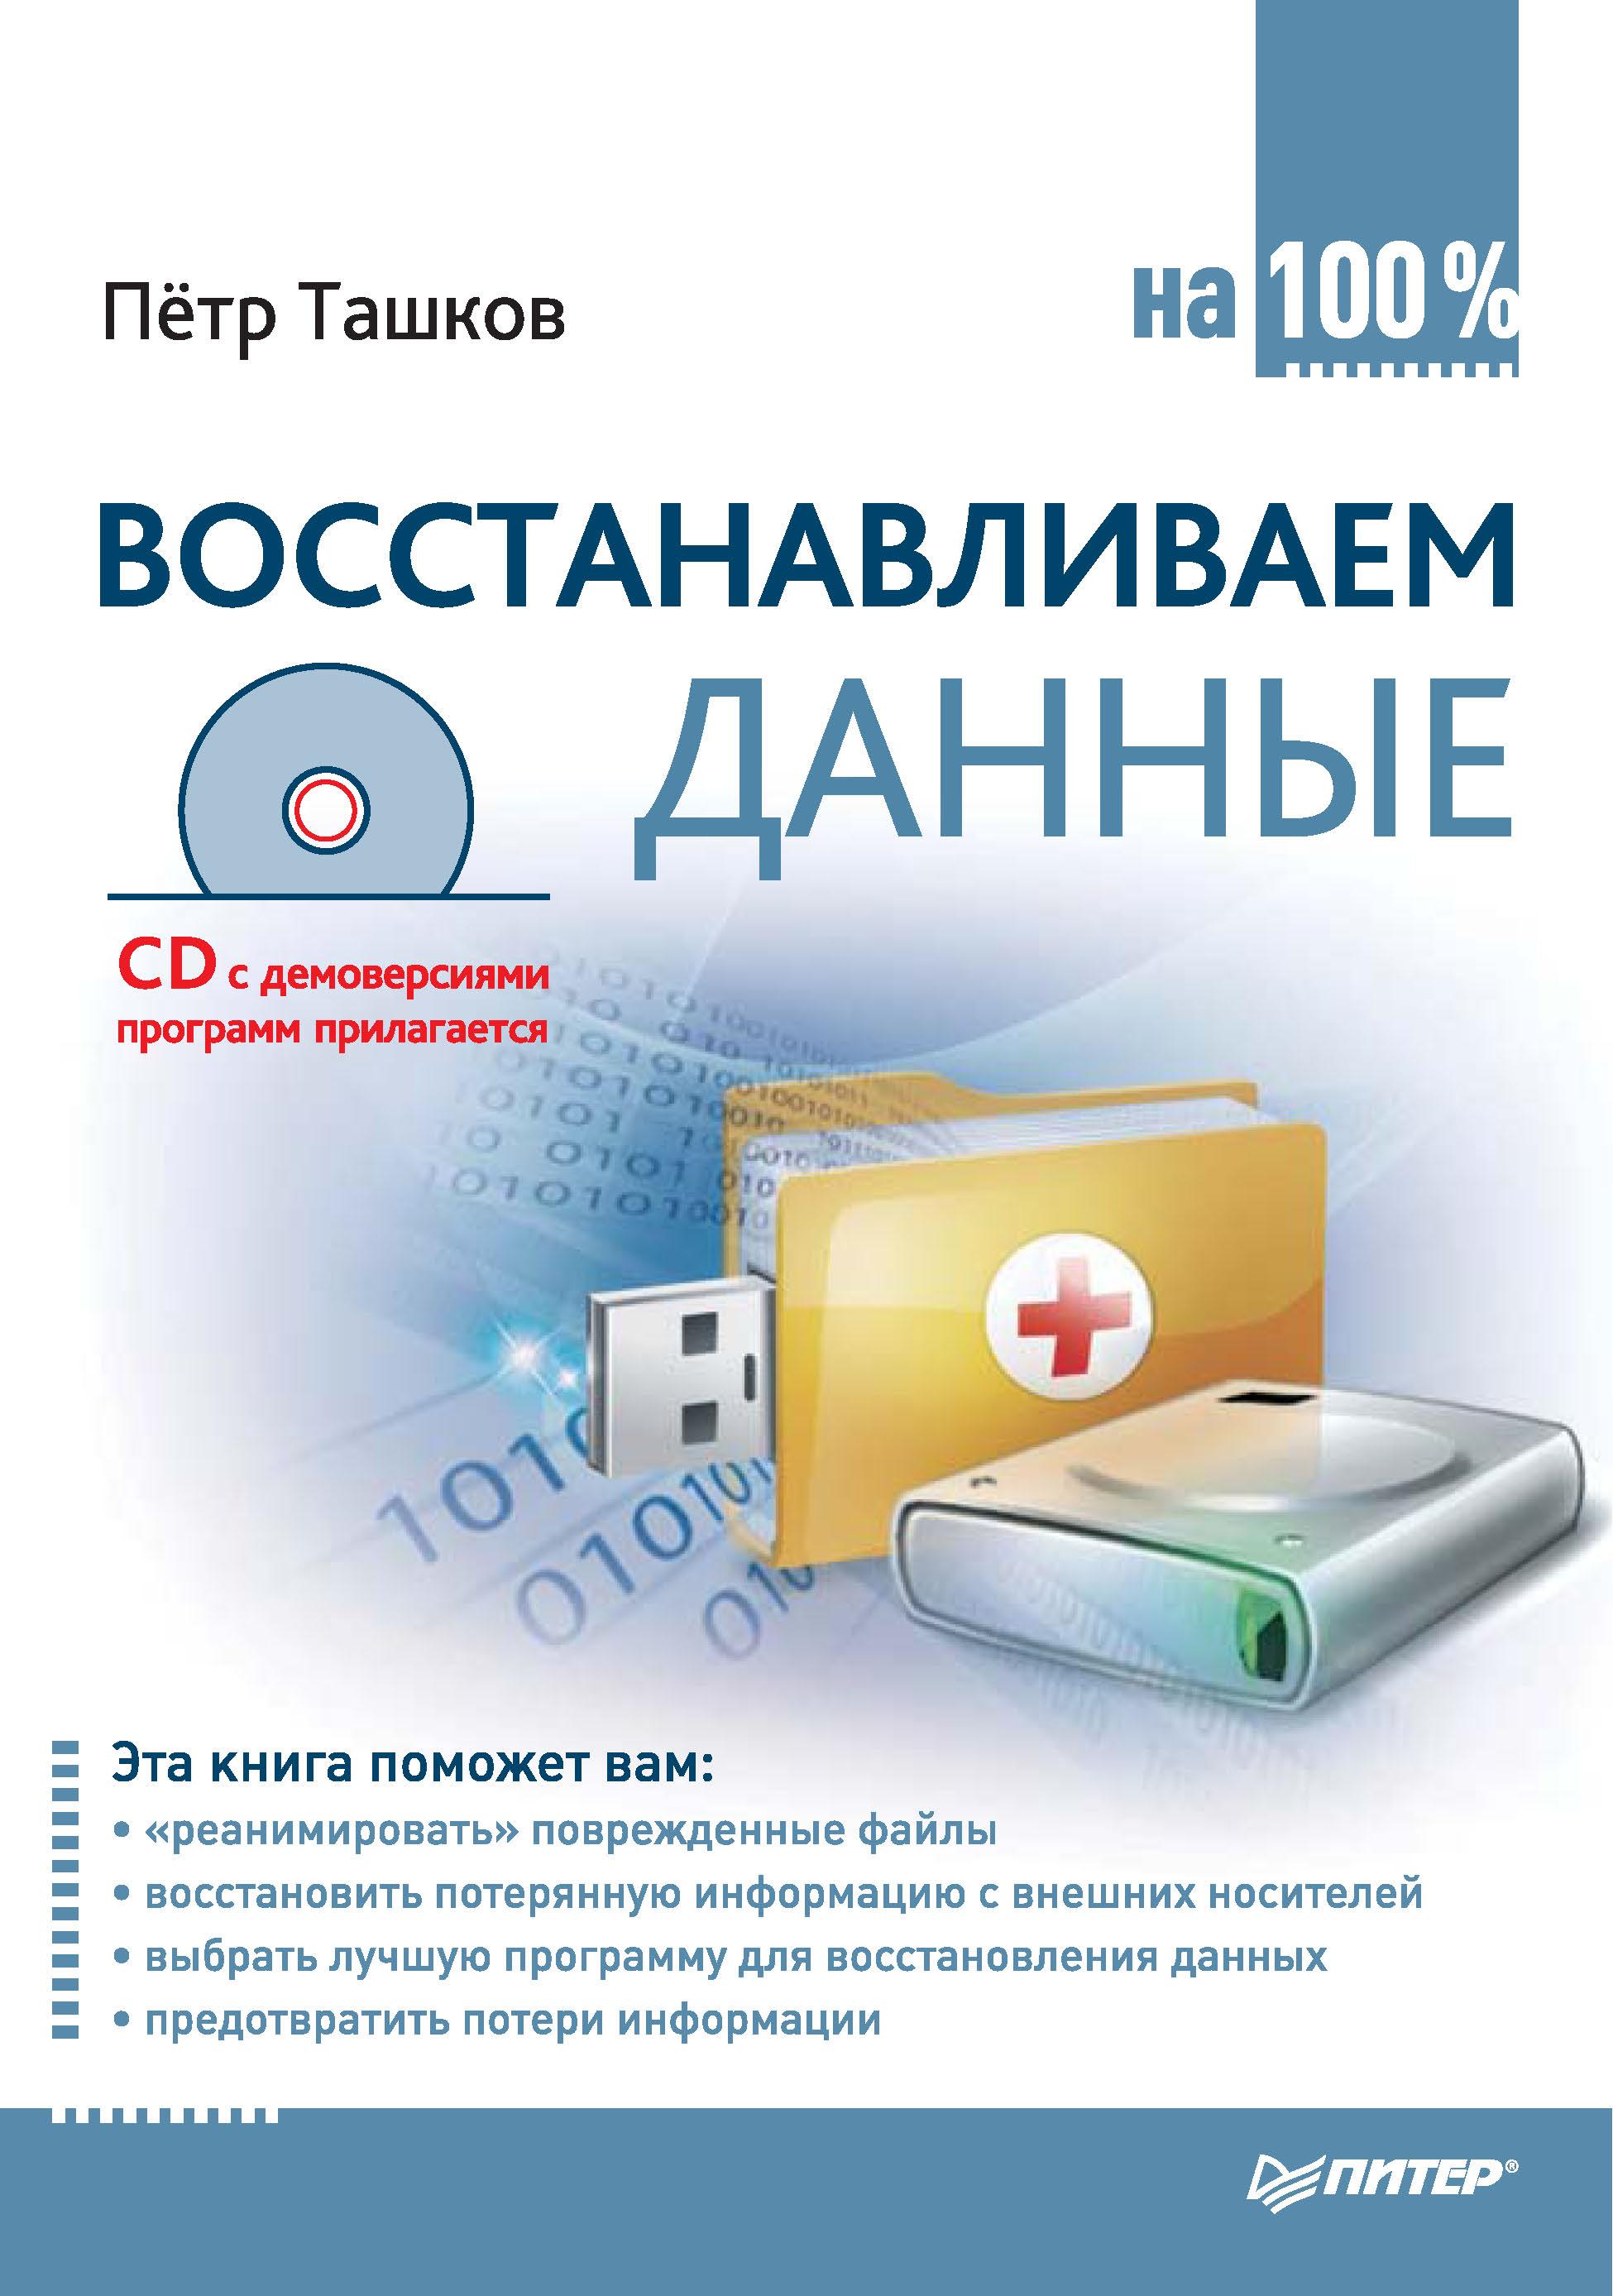 Петр Ташков Восстанавливаем данные на 100% гладкий а восстановление компьютерных данных